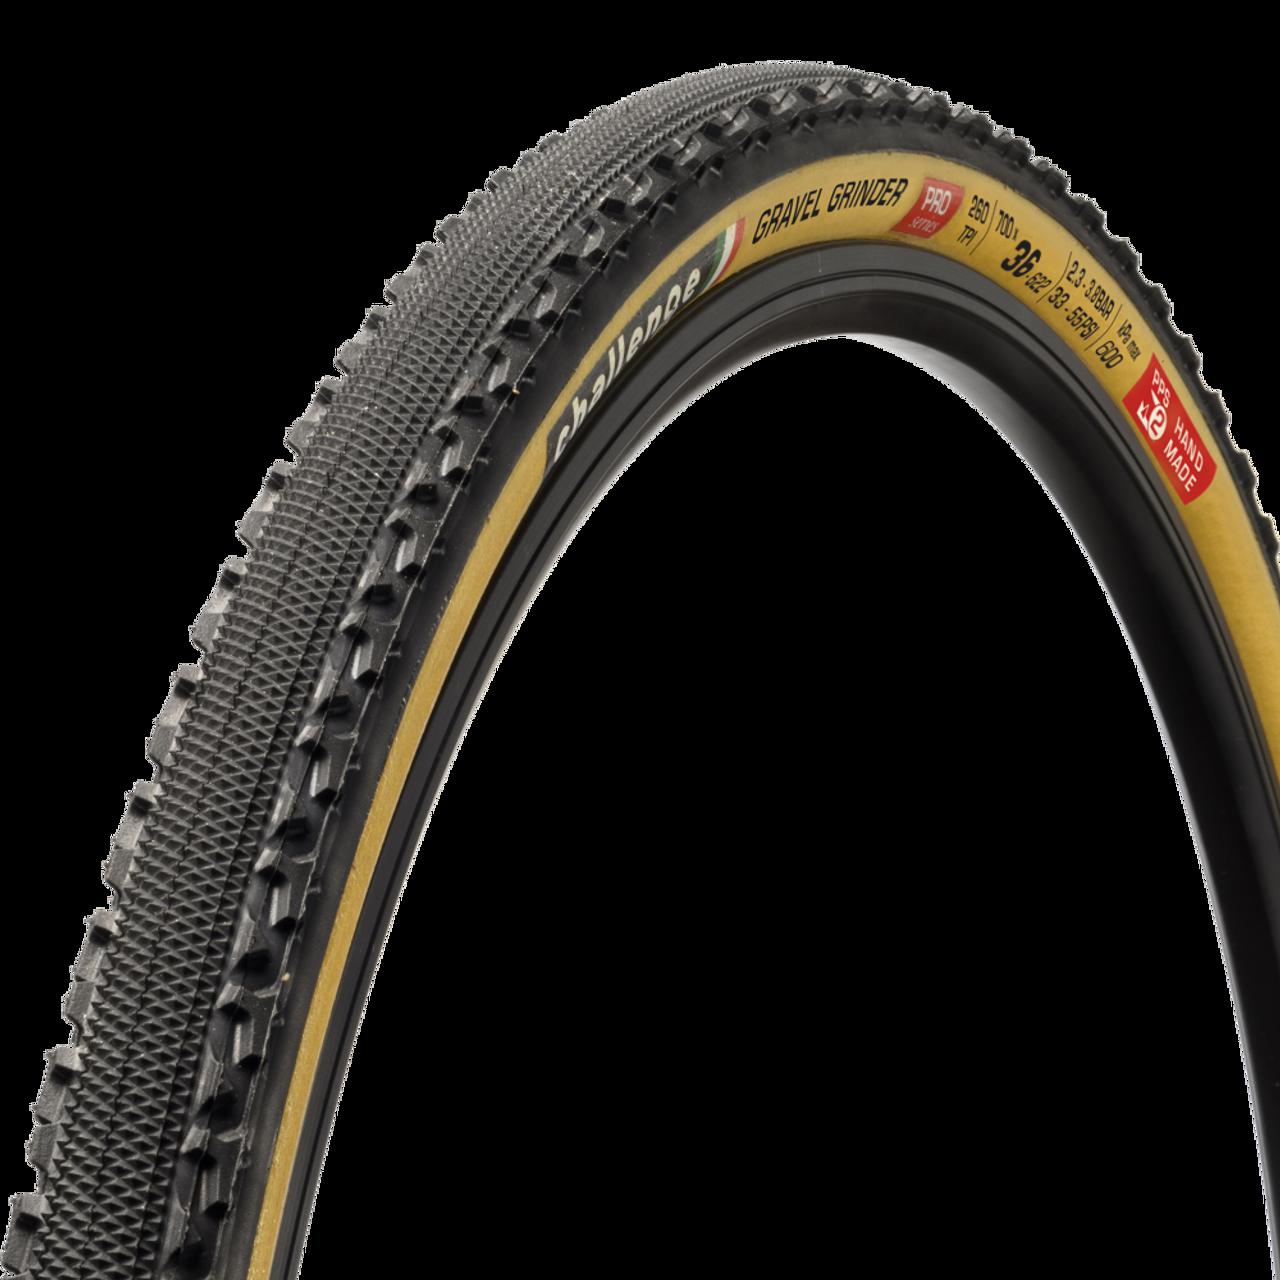 Challenge Gravel Grinder Race Handmade Clincher Cyclocross Tyre -Tan 700 x 36